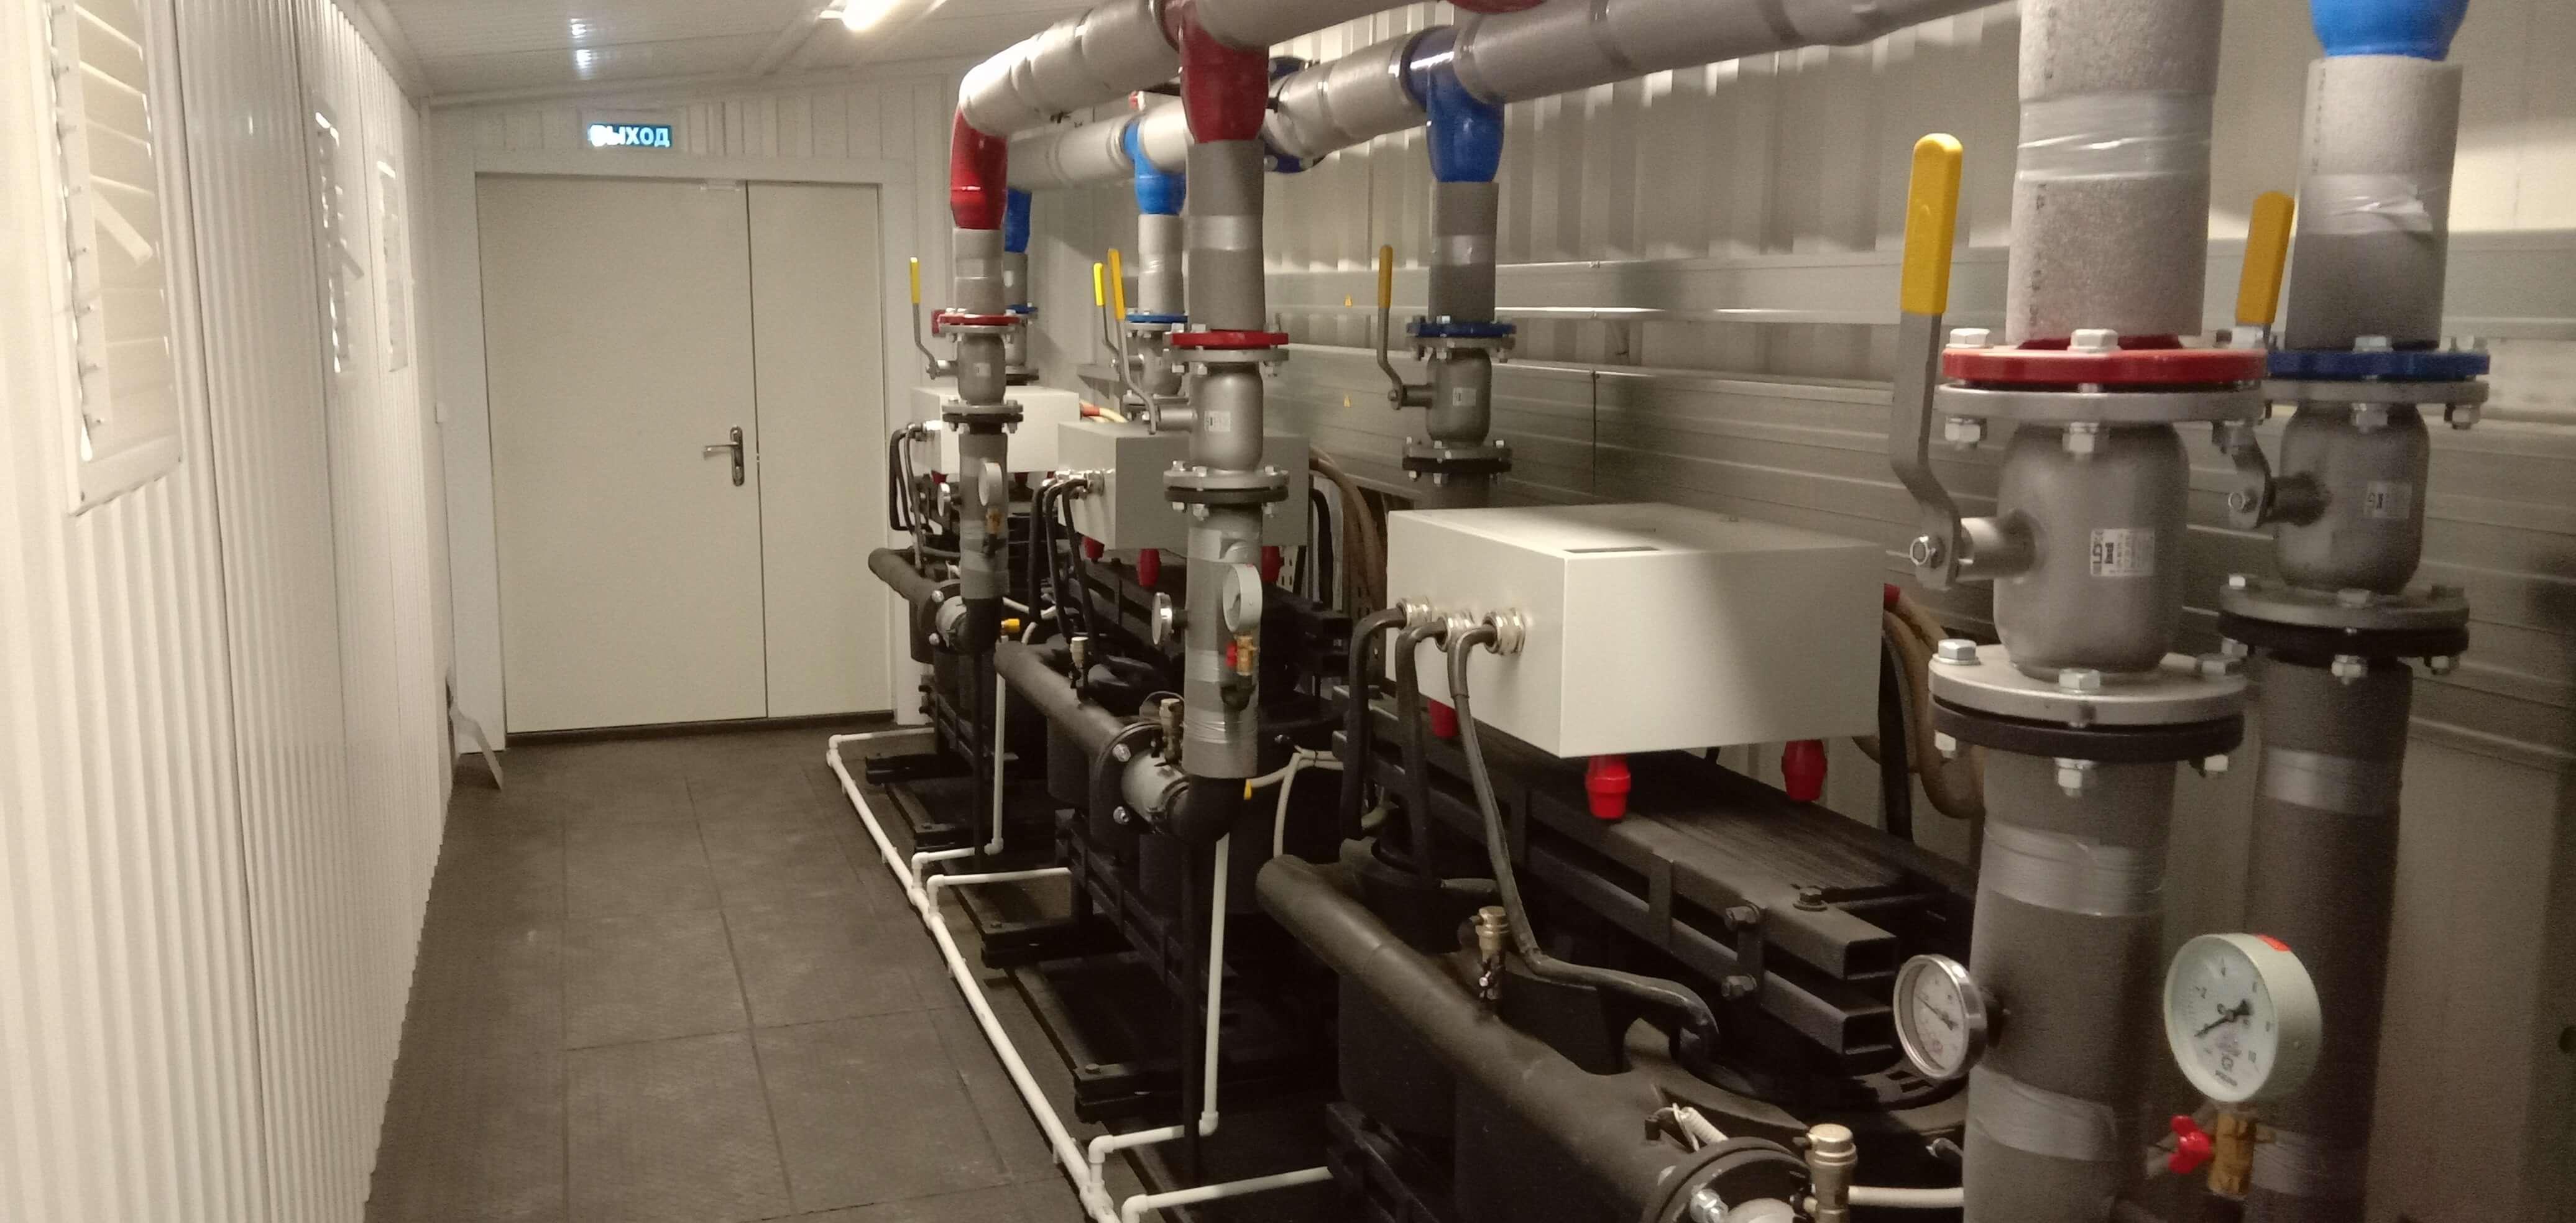 Погодозависимая автоматика системы отопления в котельных